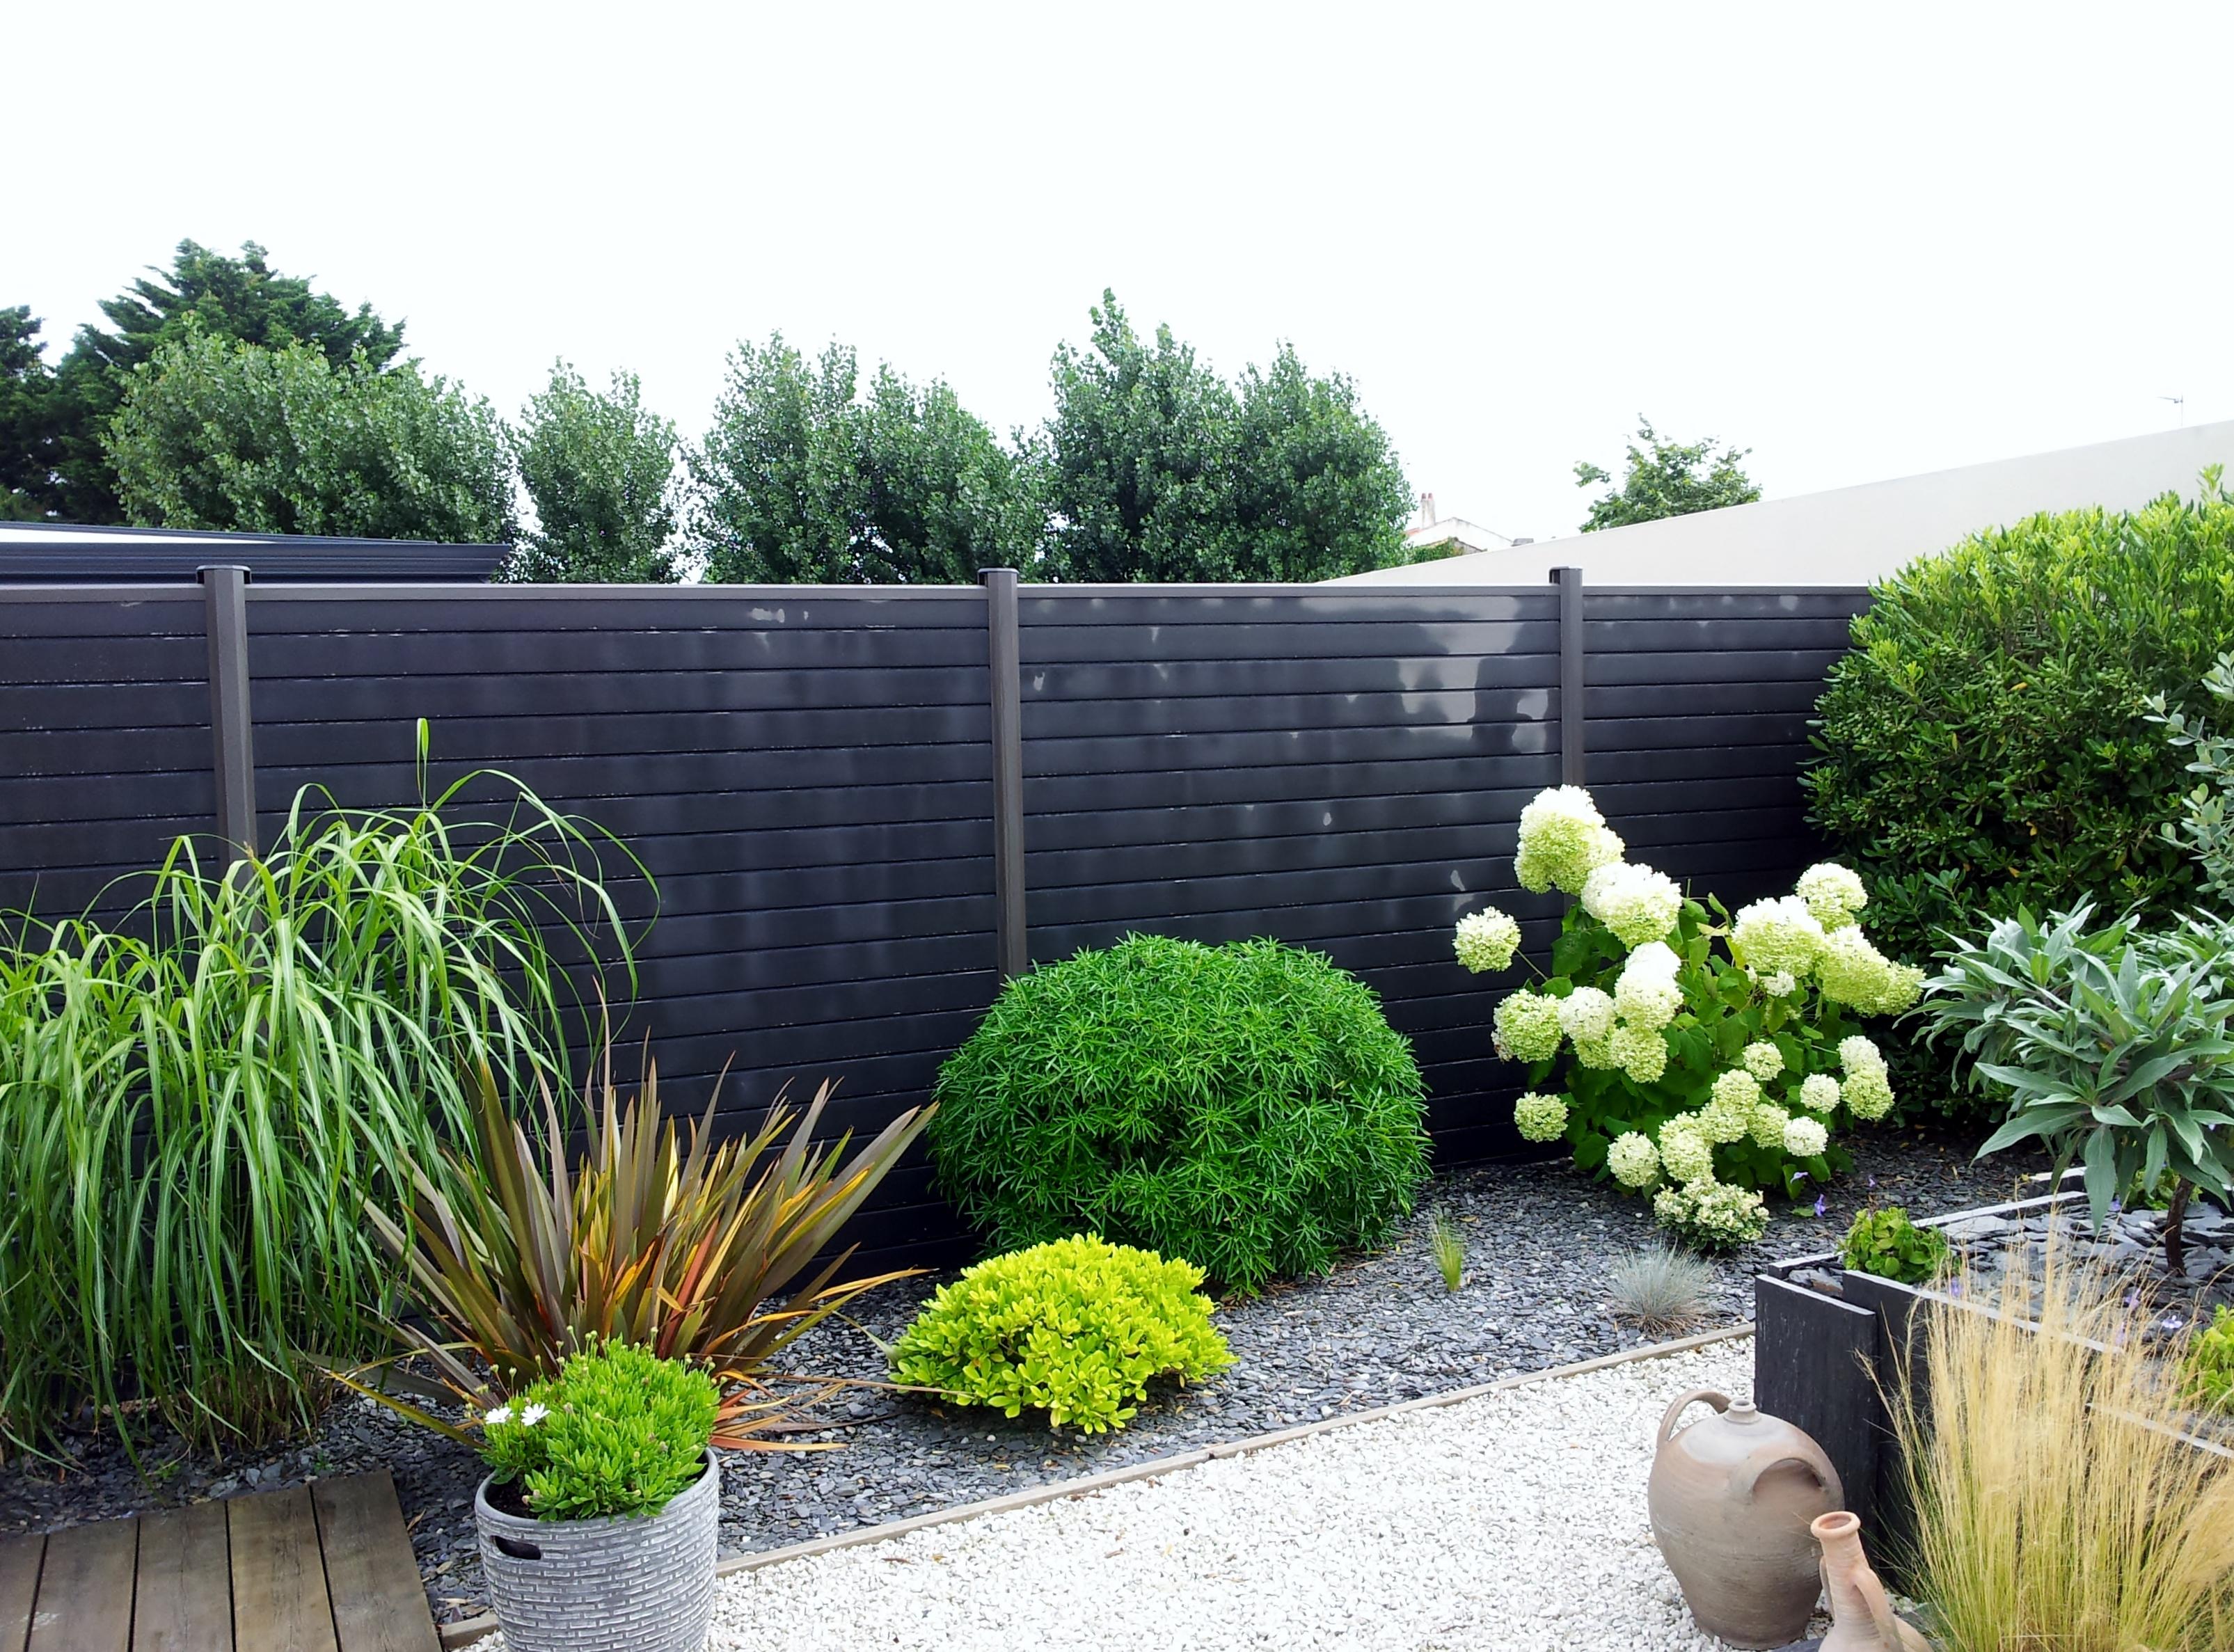 Comment Cloturer Son Jardin quelques idées de clôture pour votre jardin